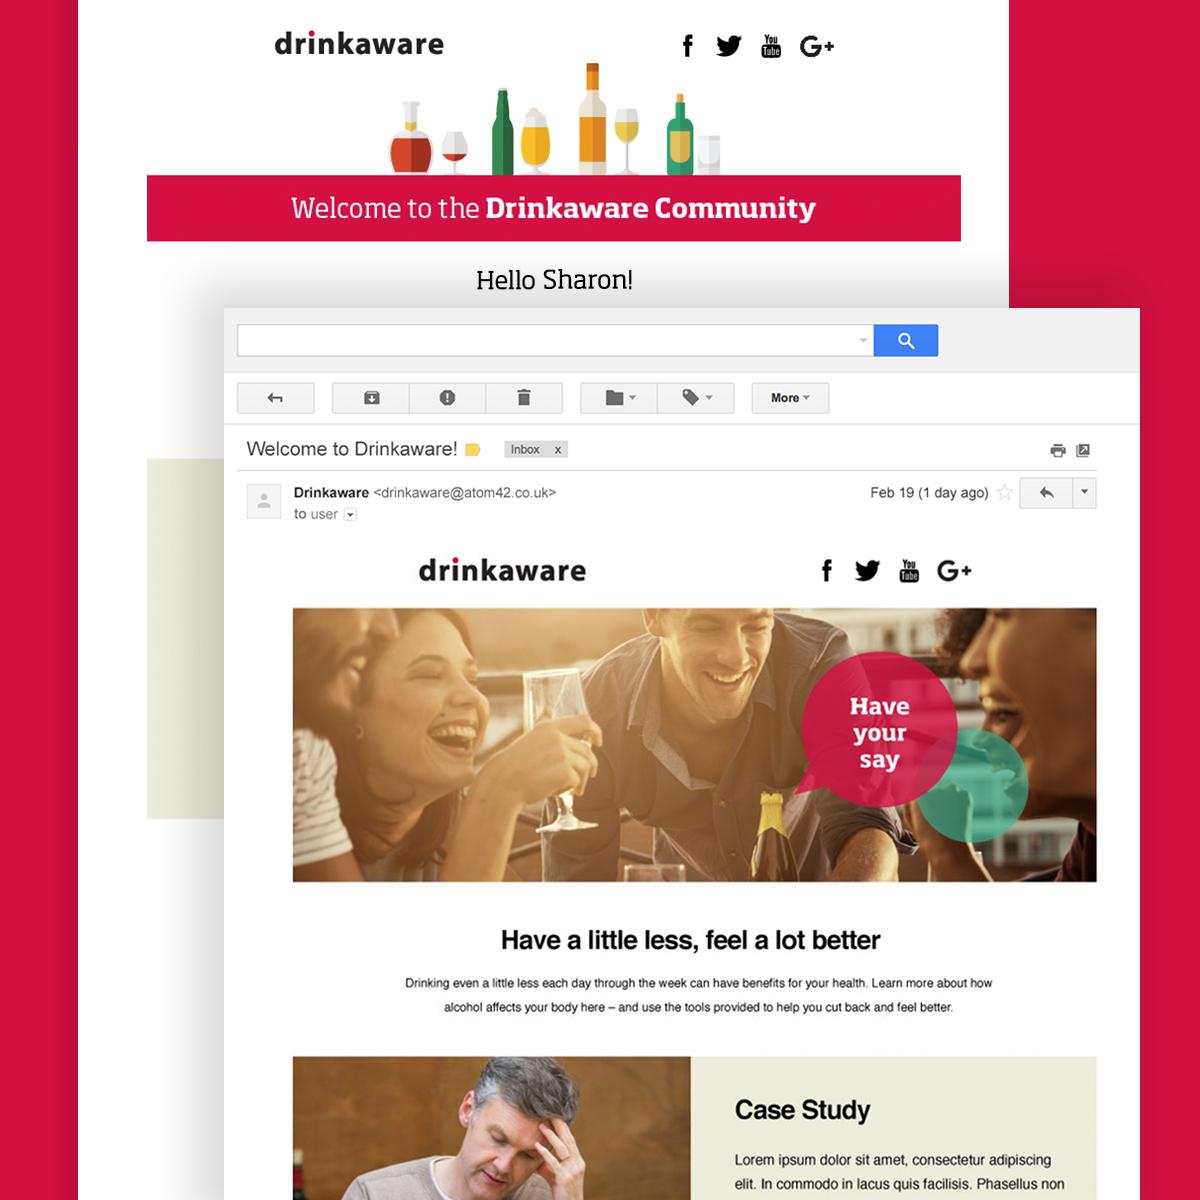 Newsletter: Drinkaware